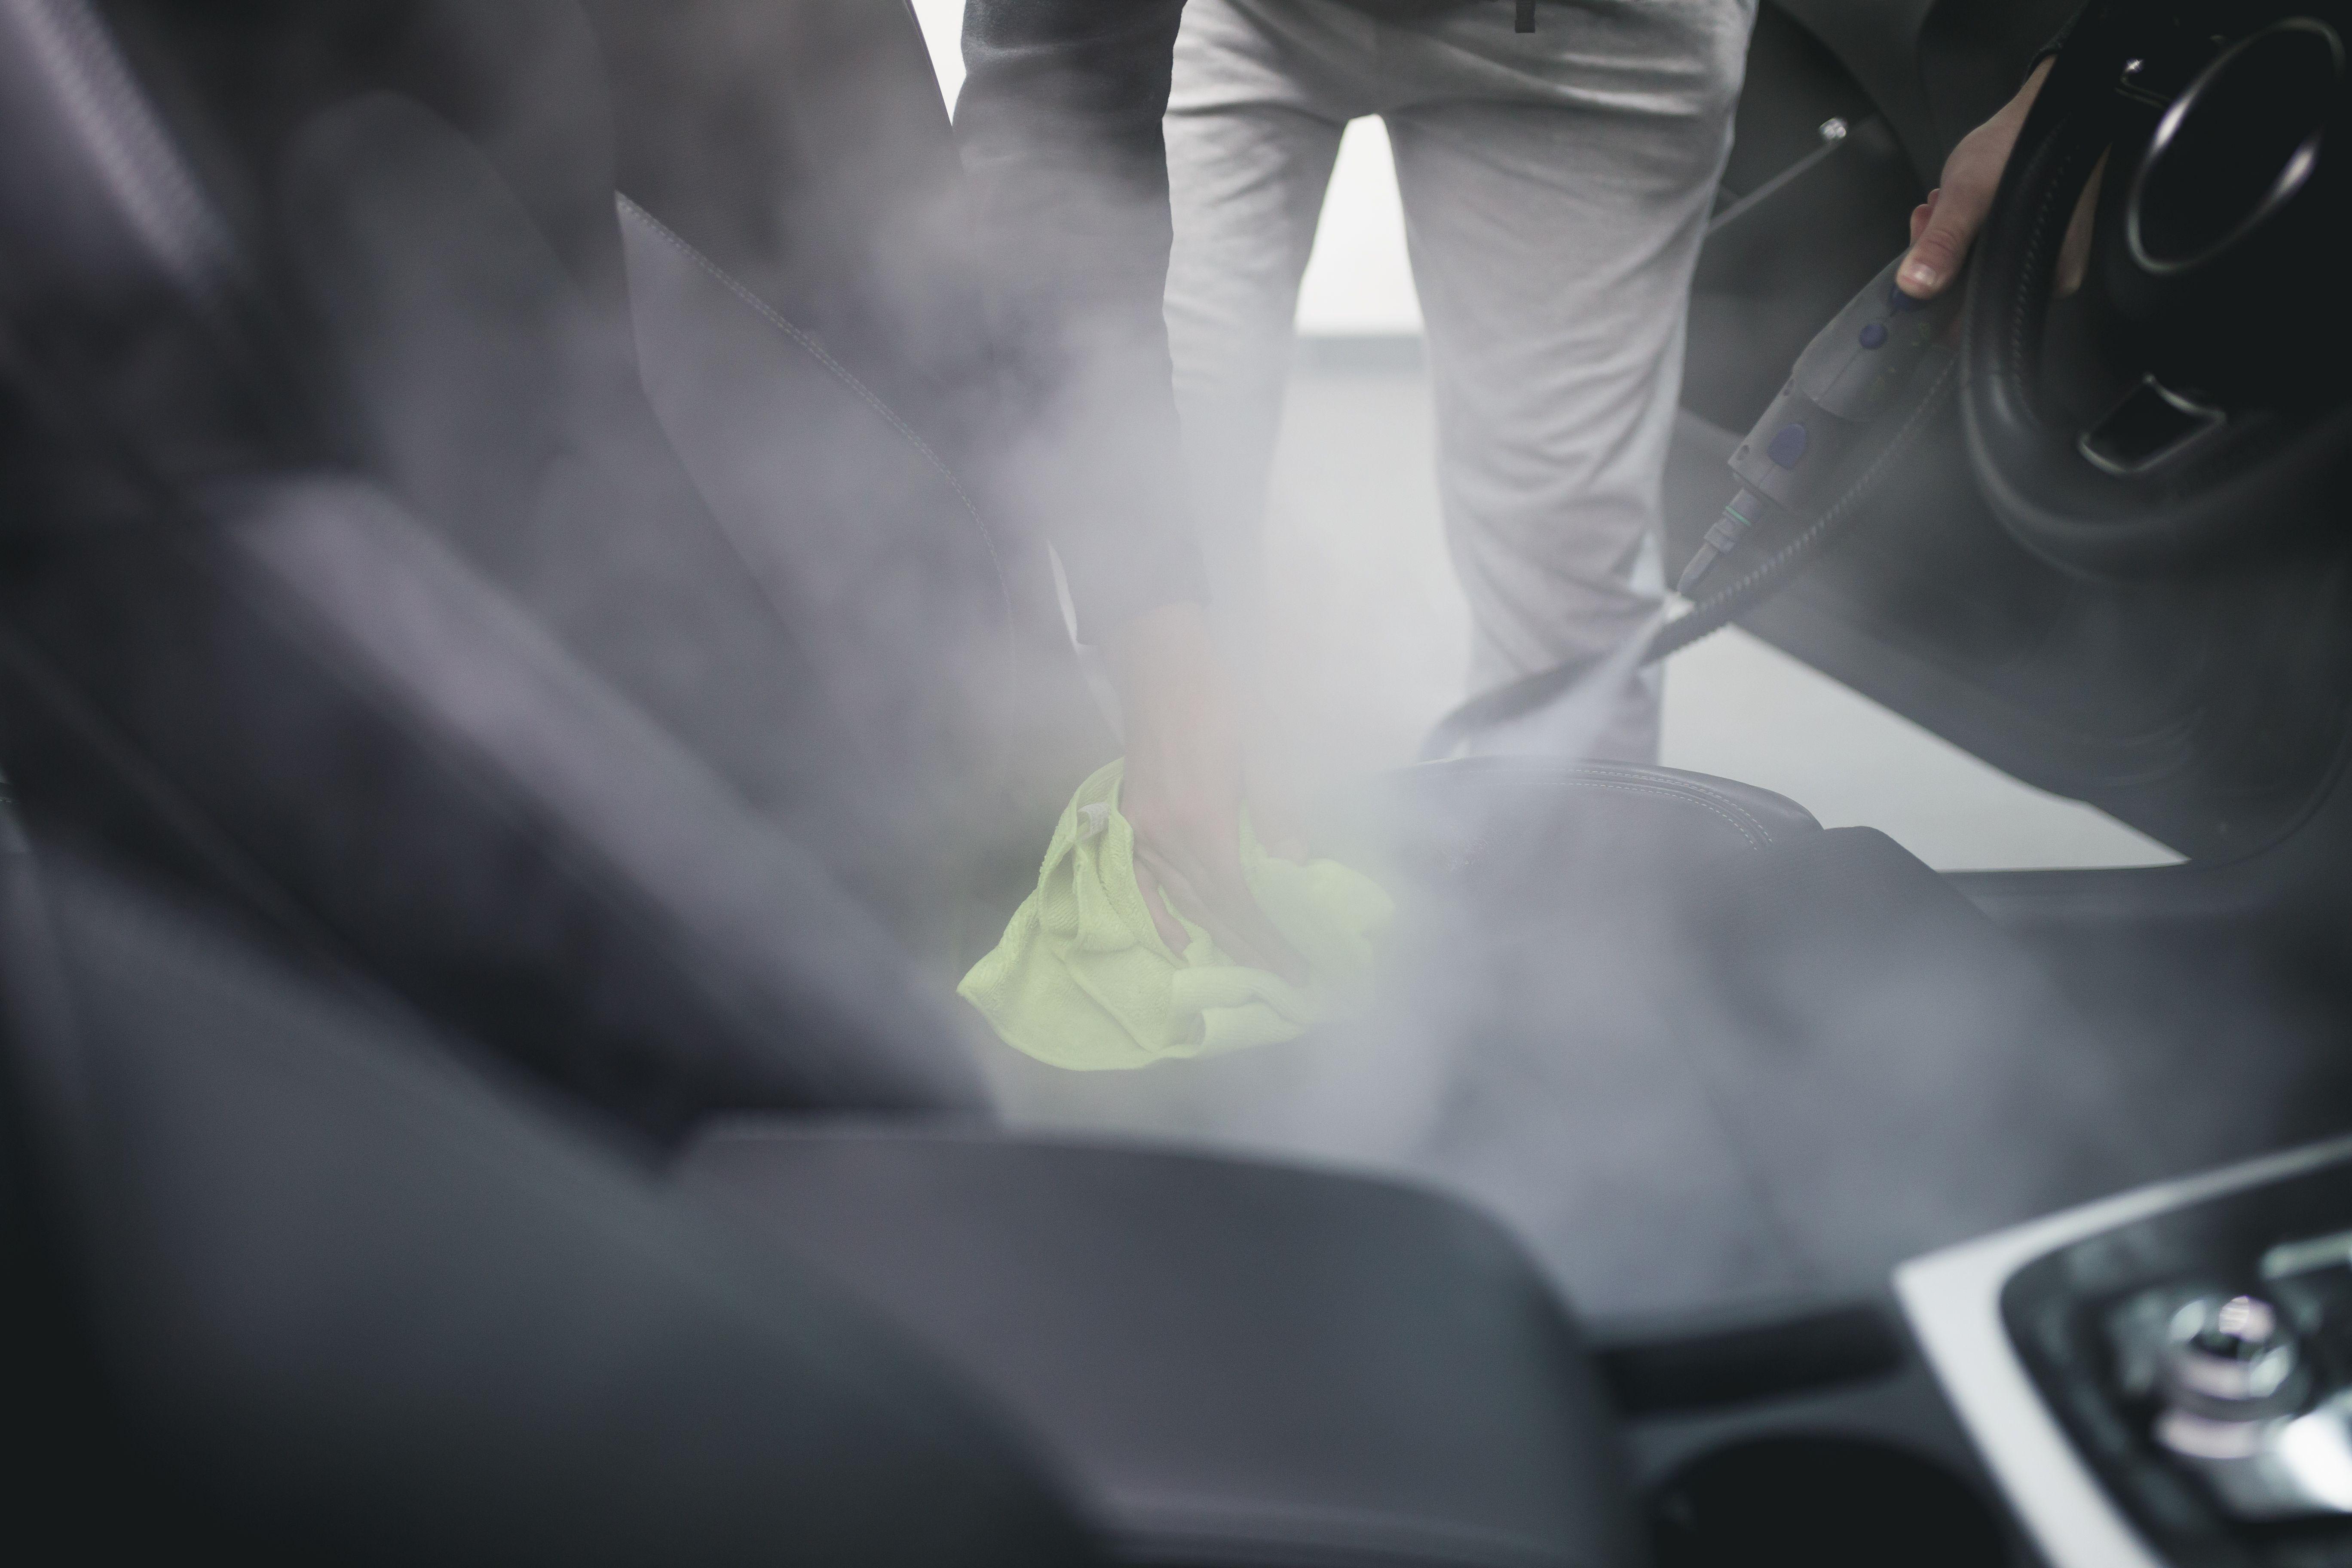 Limpieza ecológica de vehículos Tudela de Duero